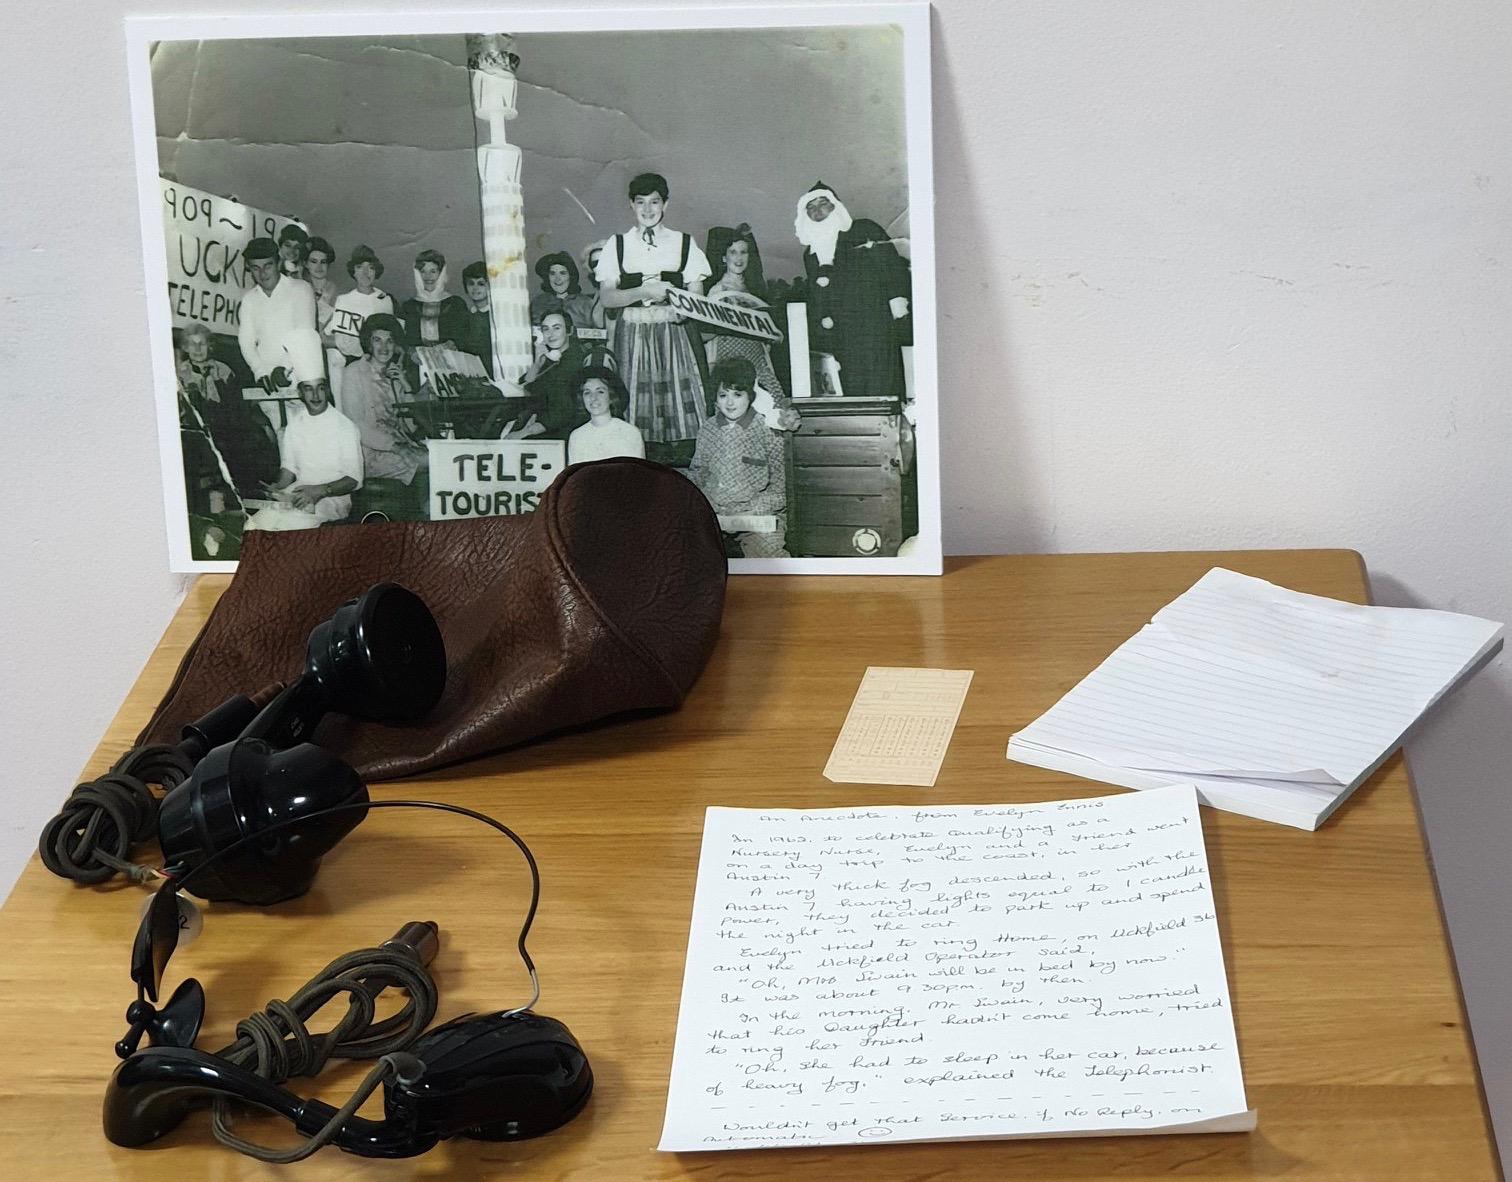 uckfield-exchange-telephone-photo